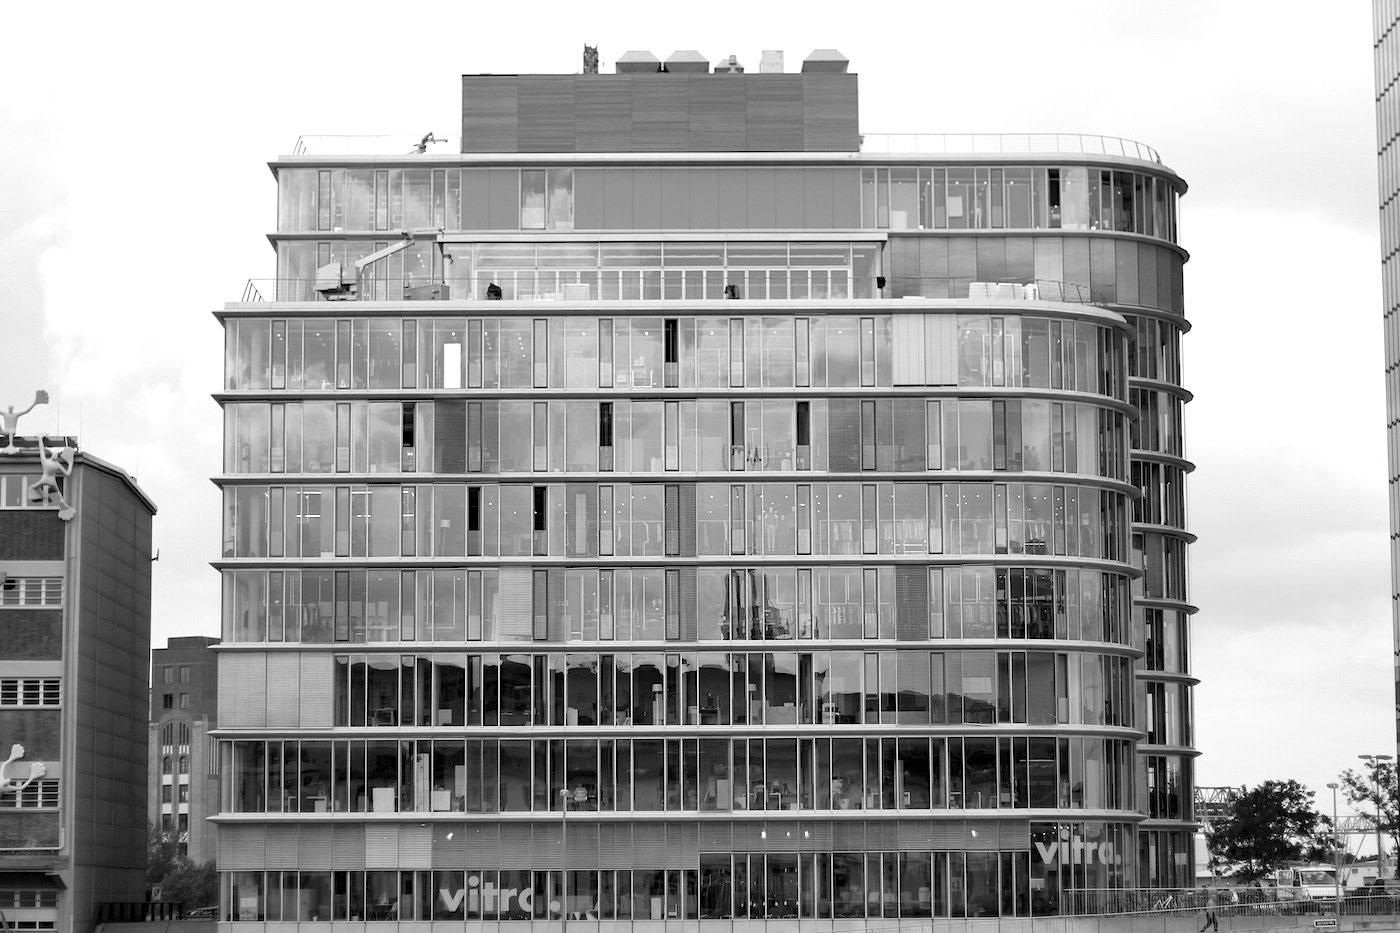 Architektenkammer Düsseldorf der silberwelle zum spektakelhafen düsseldorf deutschland